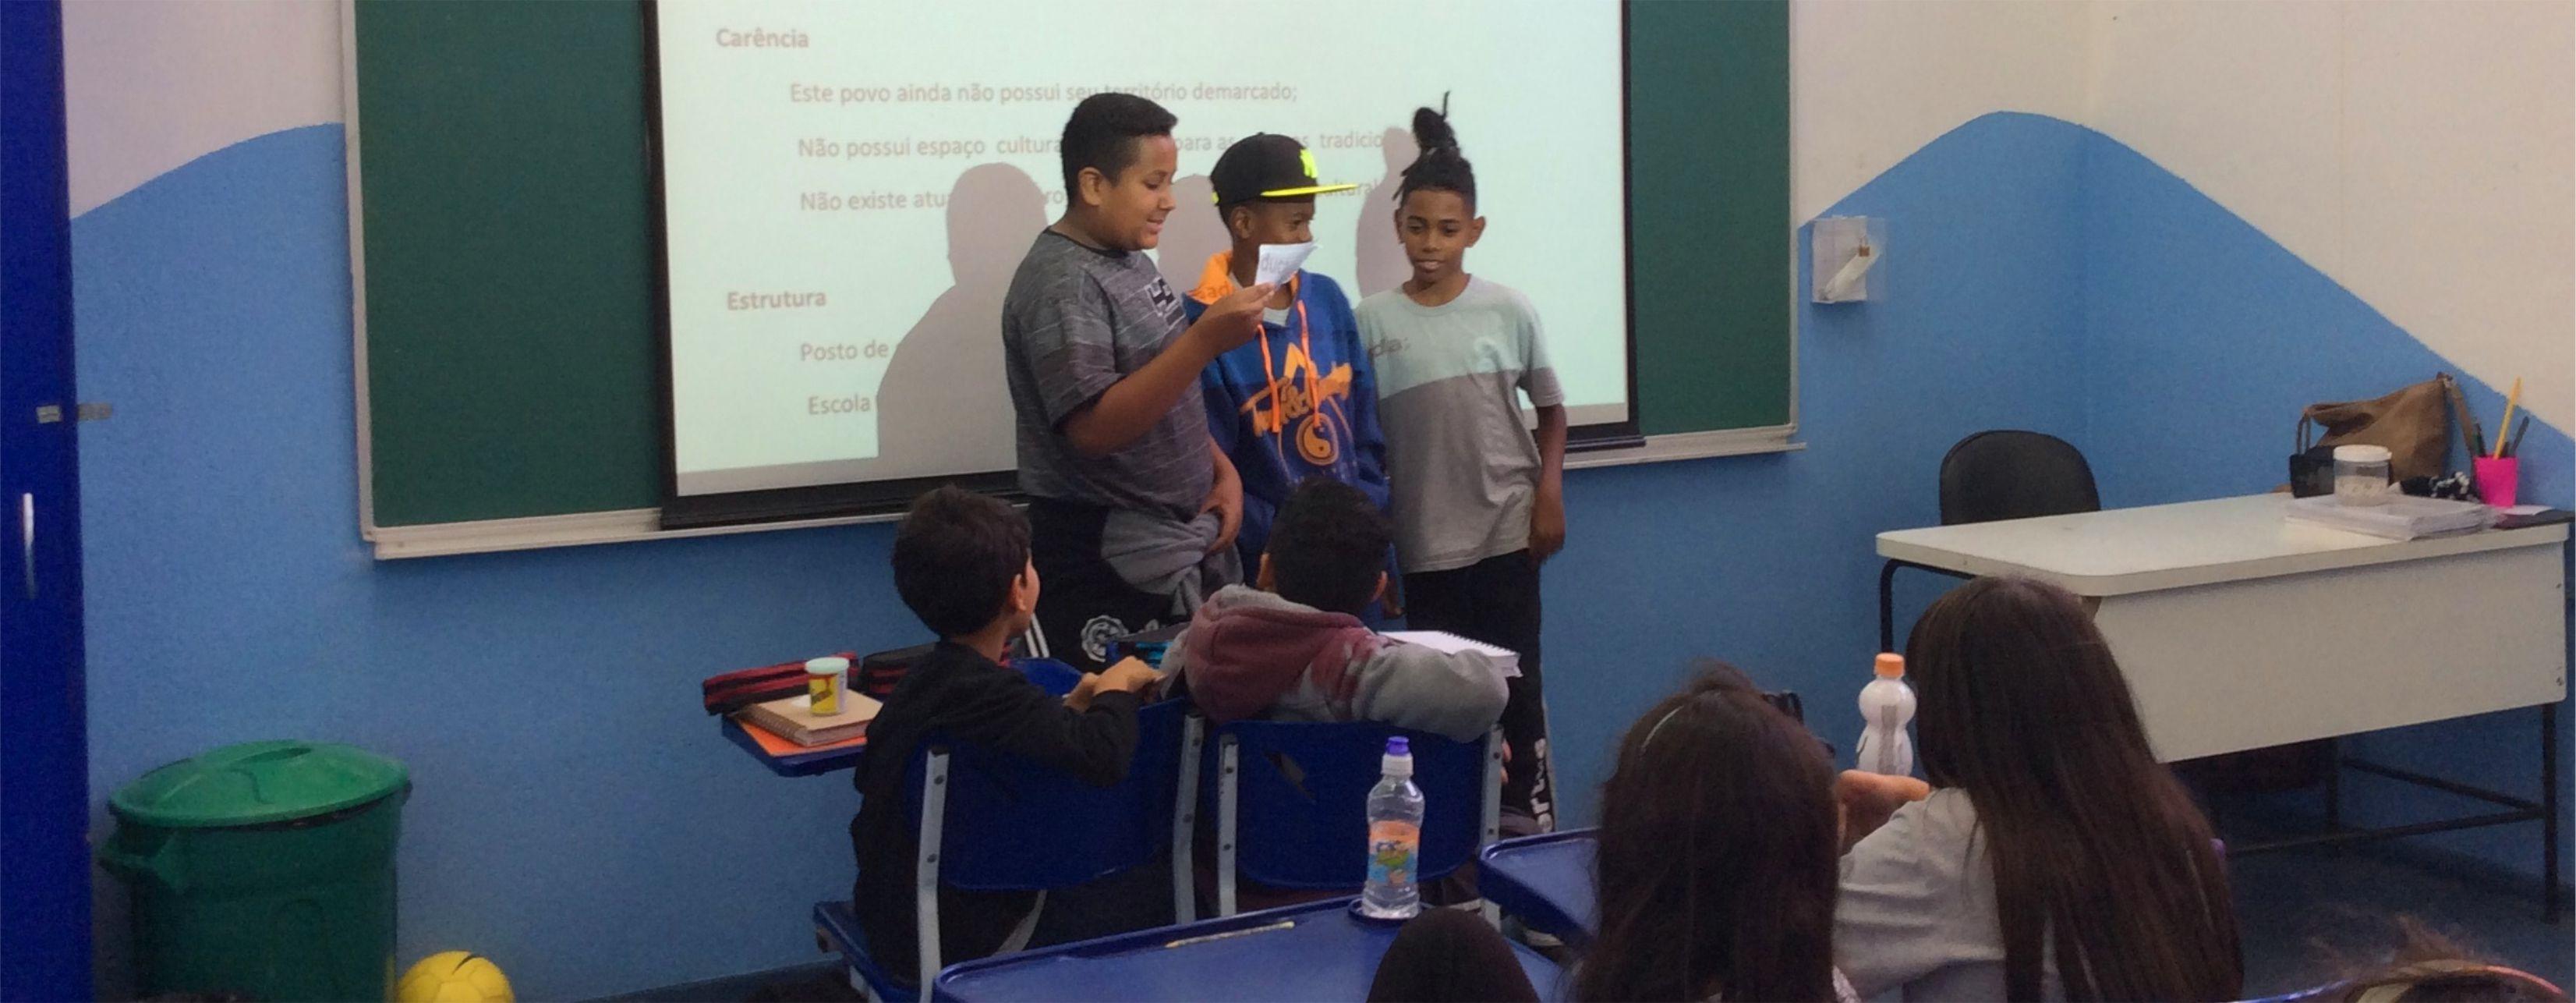 Os poemas foram apresentados para todas as turmas na sala de aula